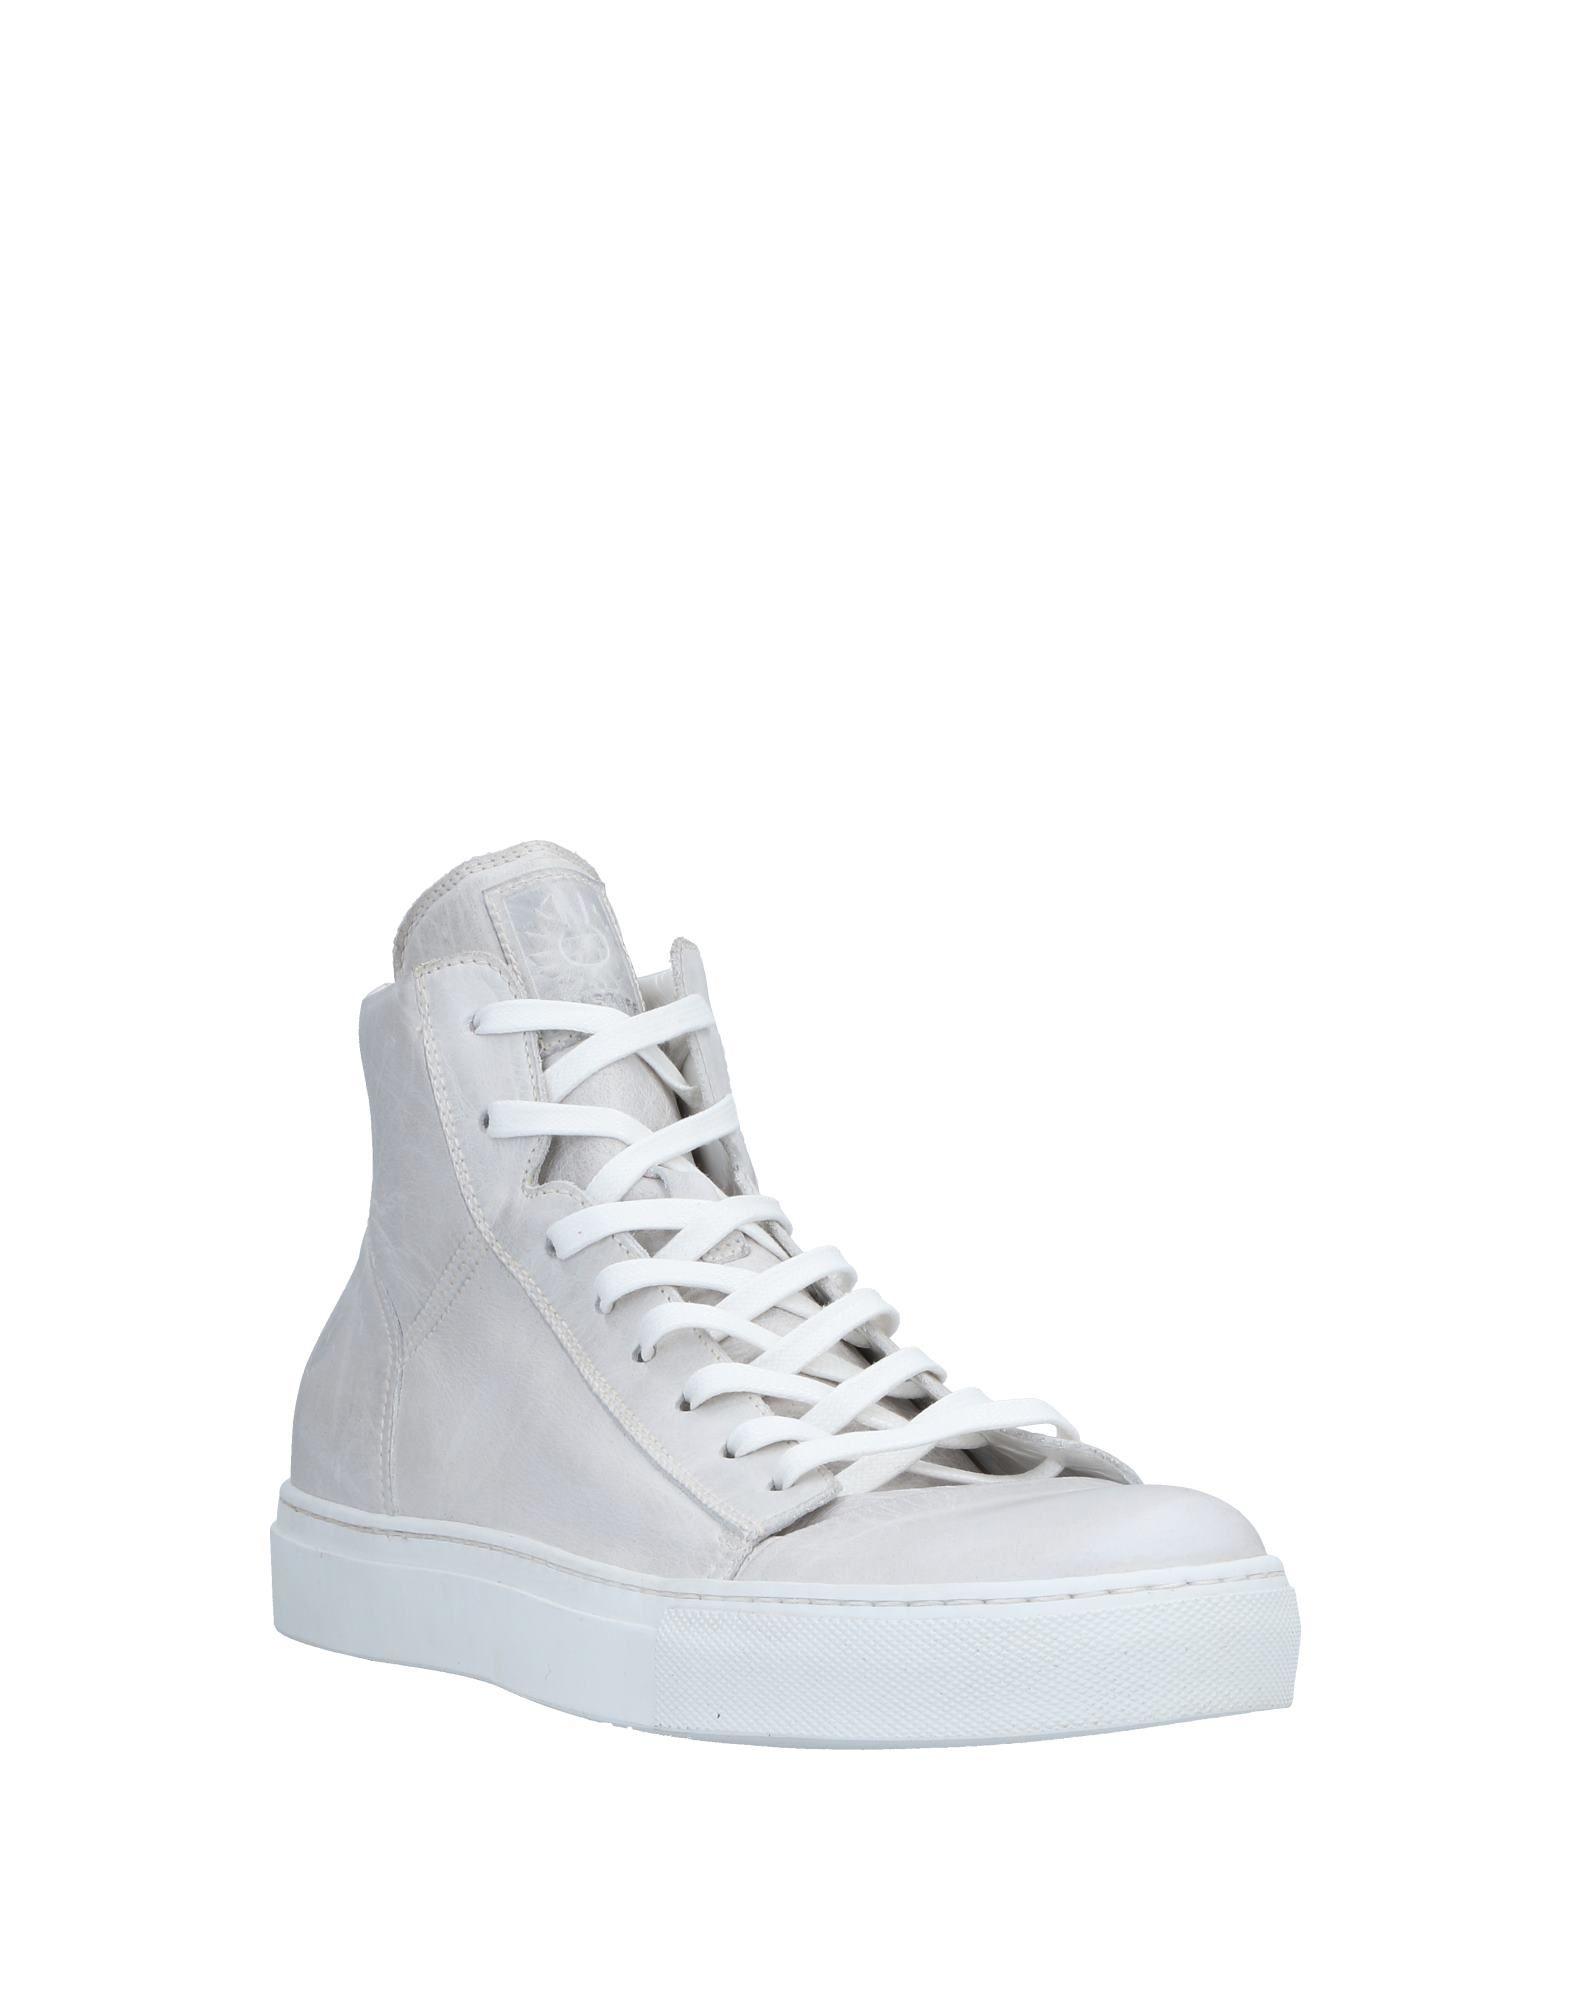 Belstaff Sneakers Herren beliebte  11535106HE Gute Qualität beliebte Herren Schuhe c5bddc